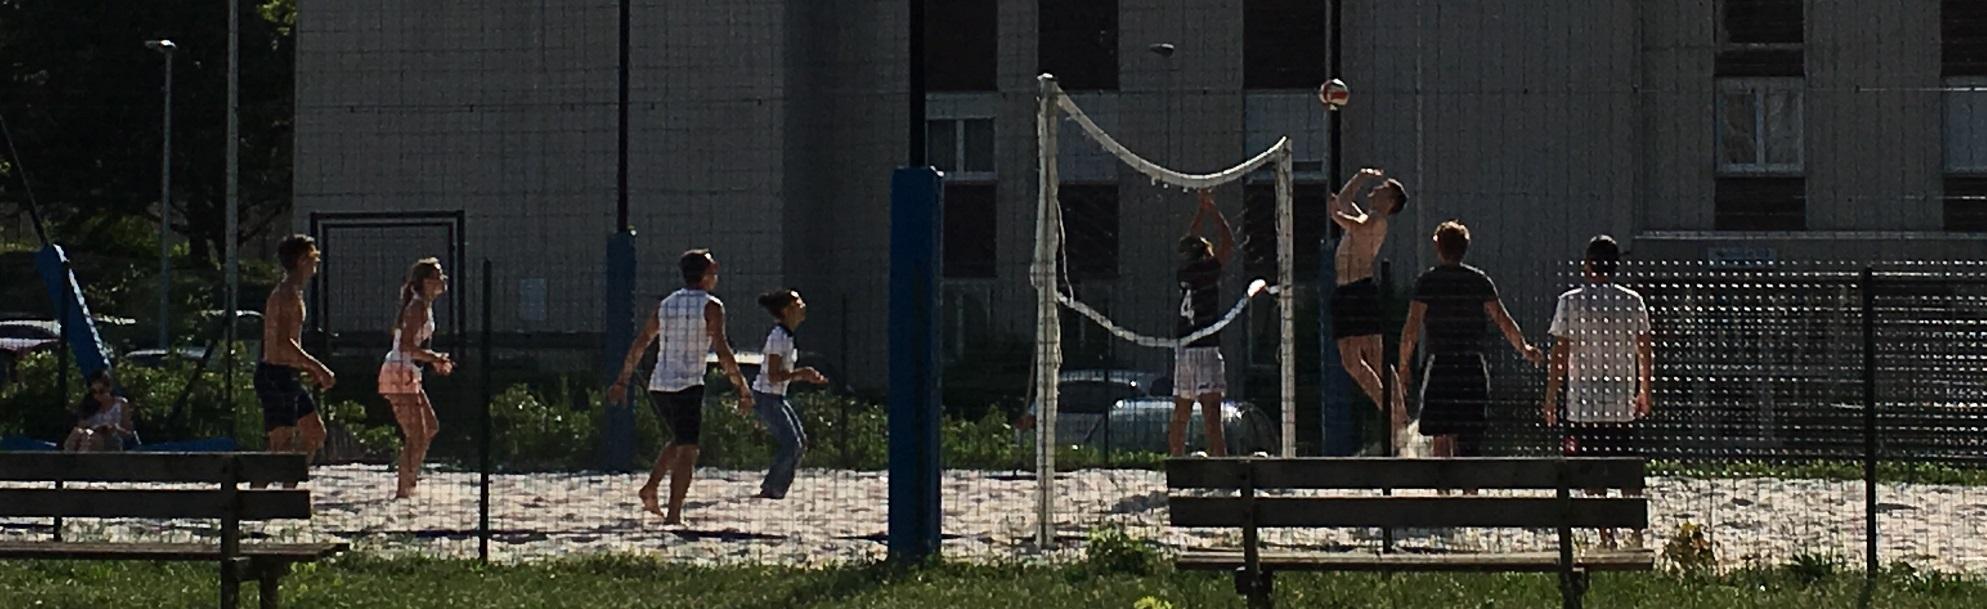 Le sport sur le campus